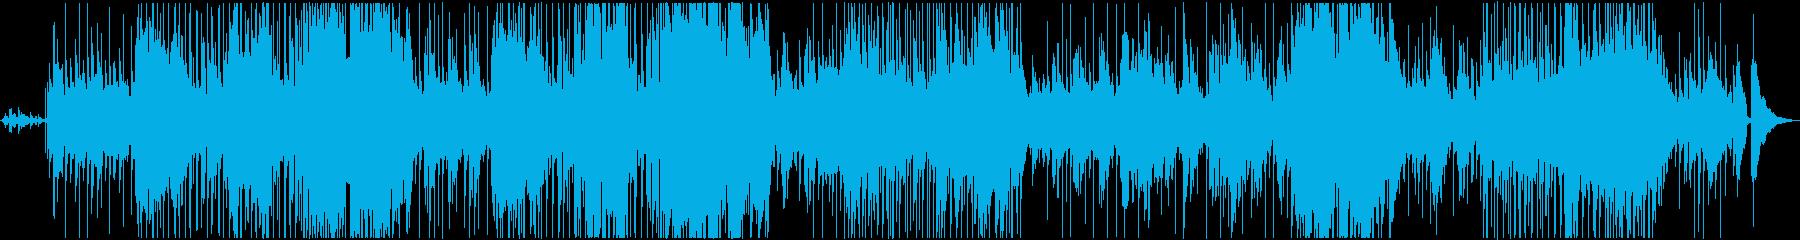 ピアノのヒット、バグパイプ、フルー...の再生済みの波形